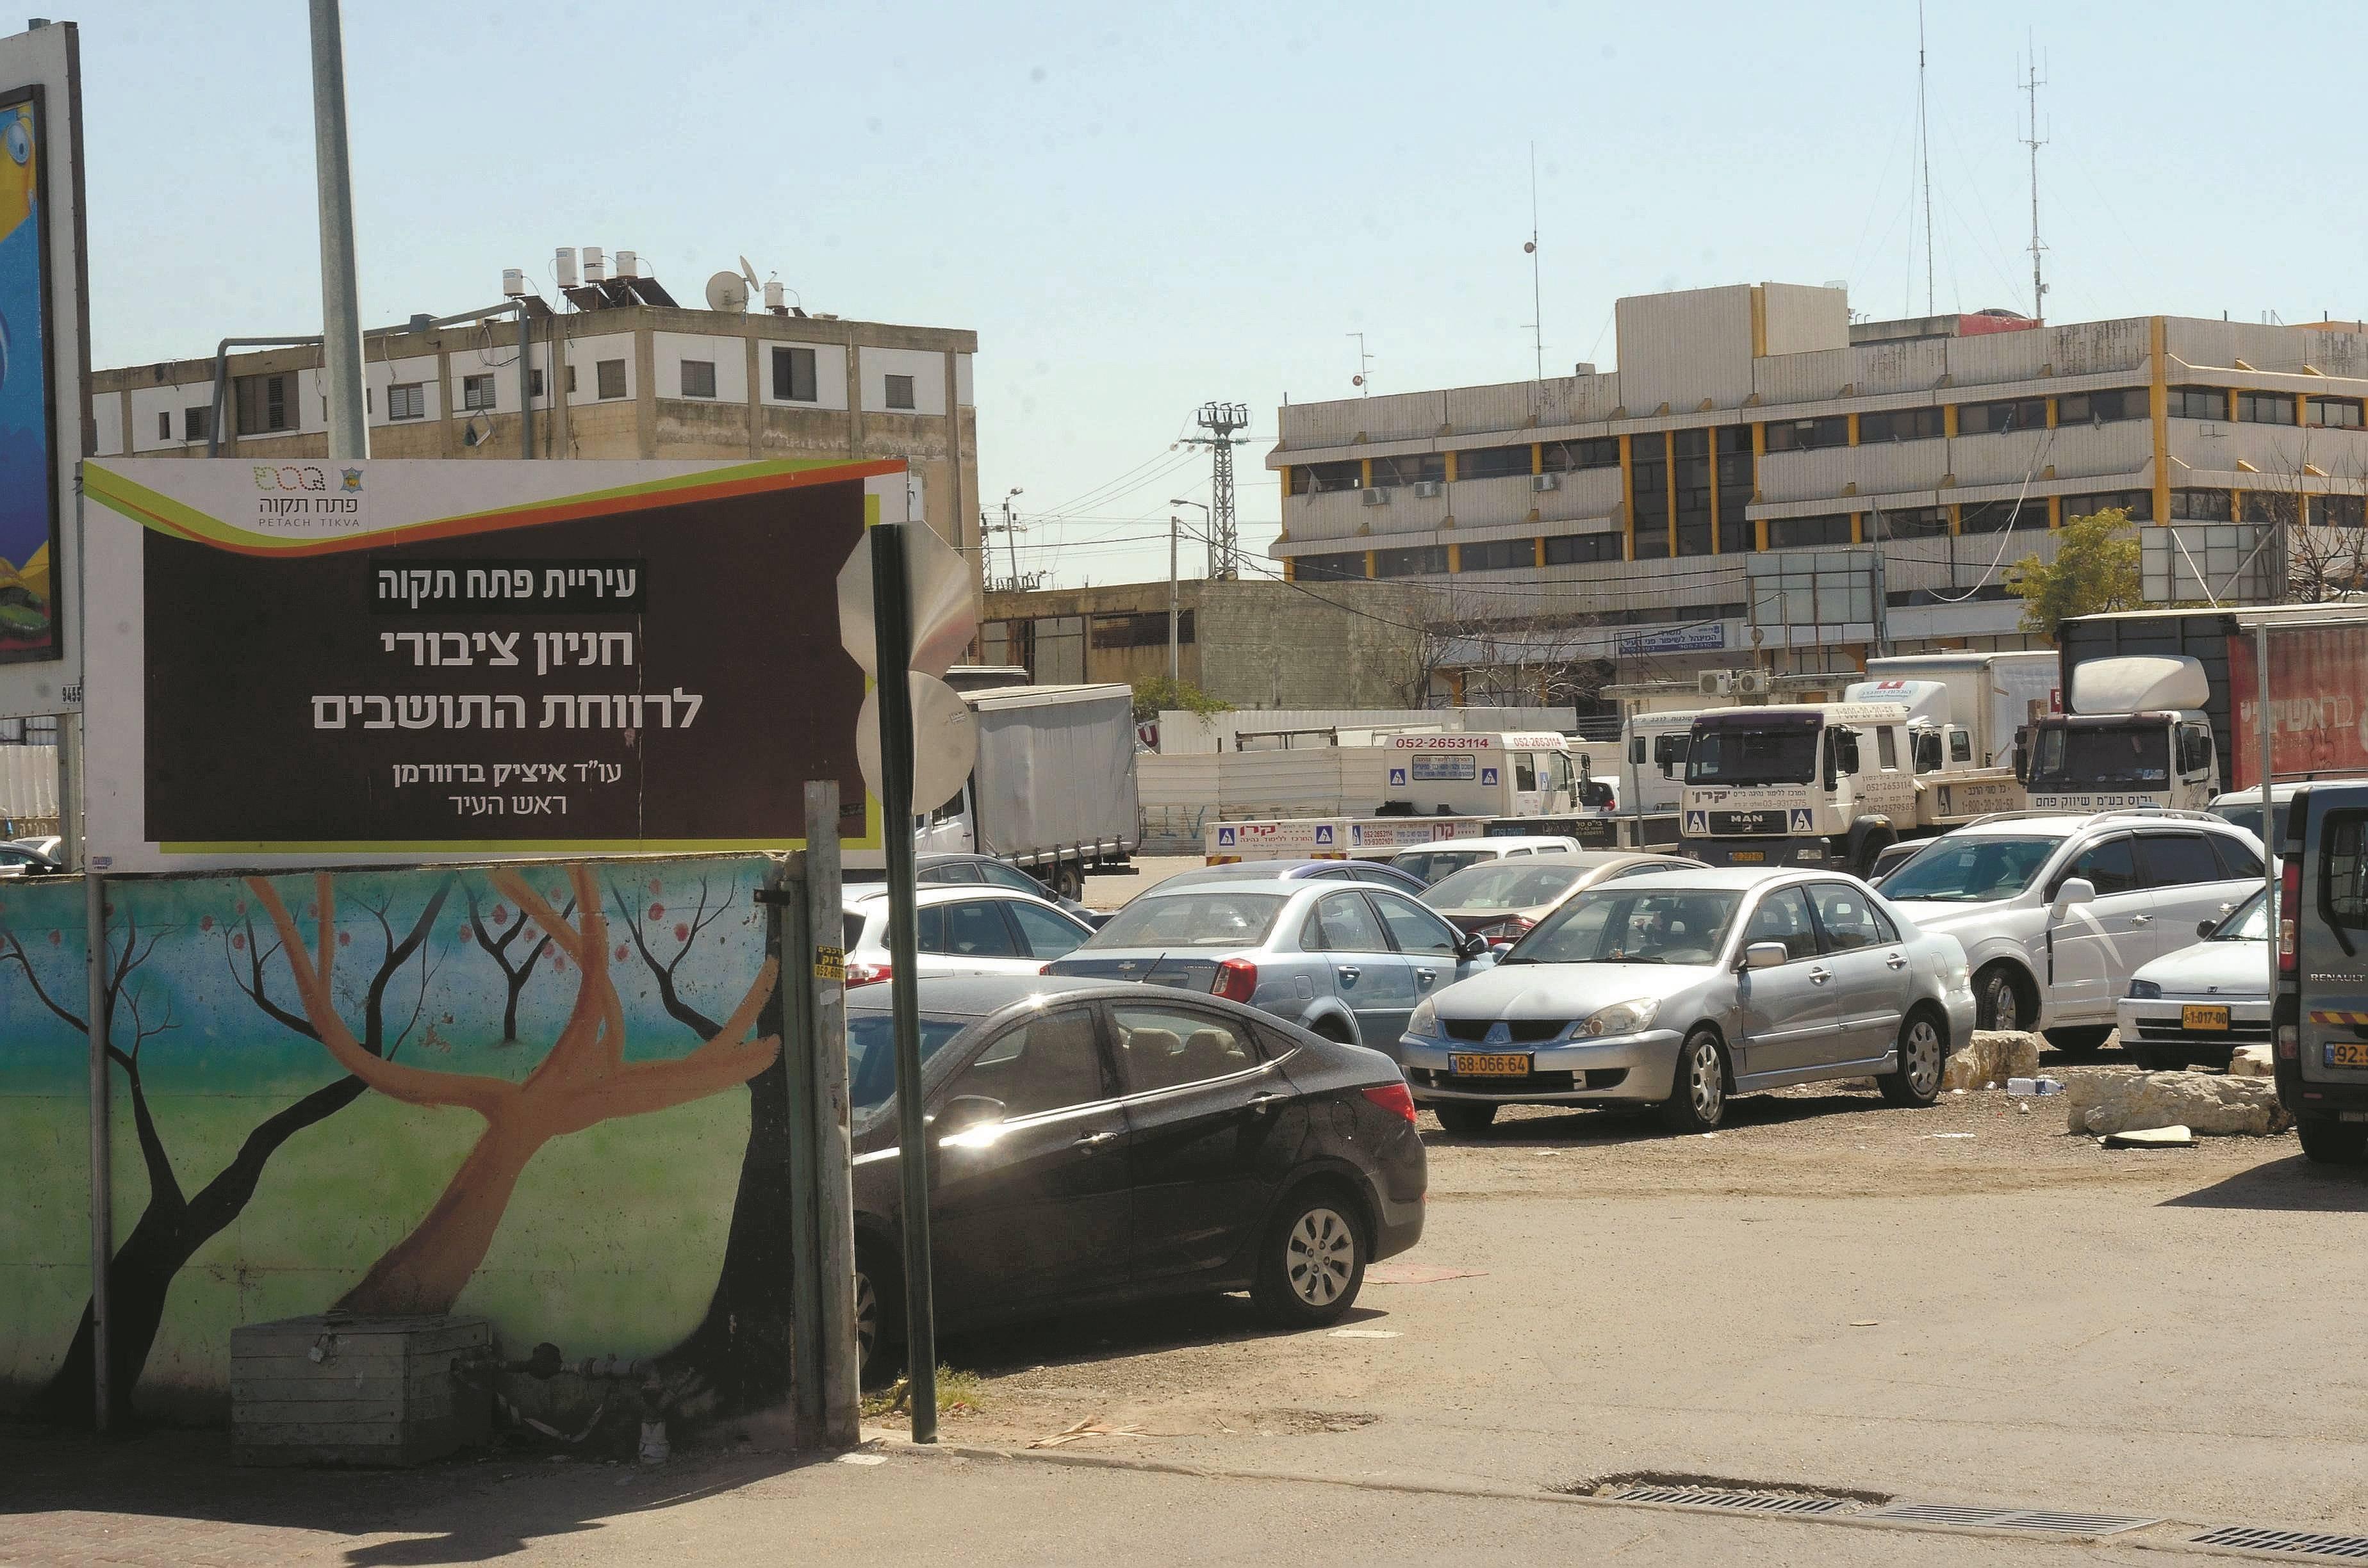 מגרש החניה ברחוב גיסין בו תמוקם התחנה המרכזית הזמנית. צילום: זאב שטרן